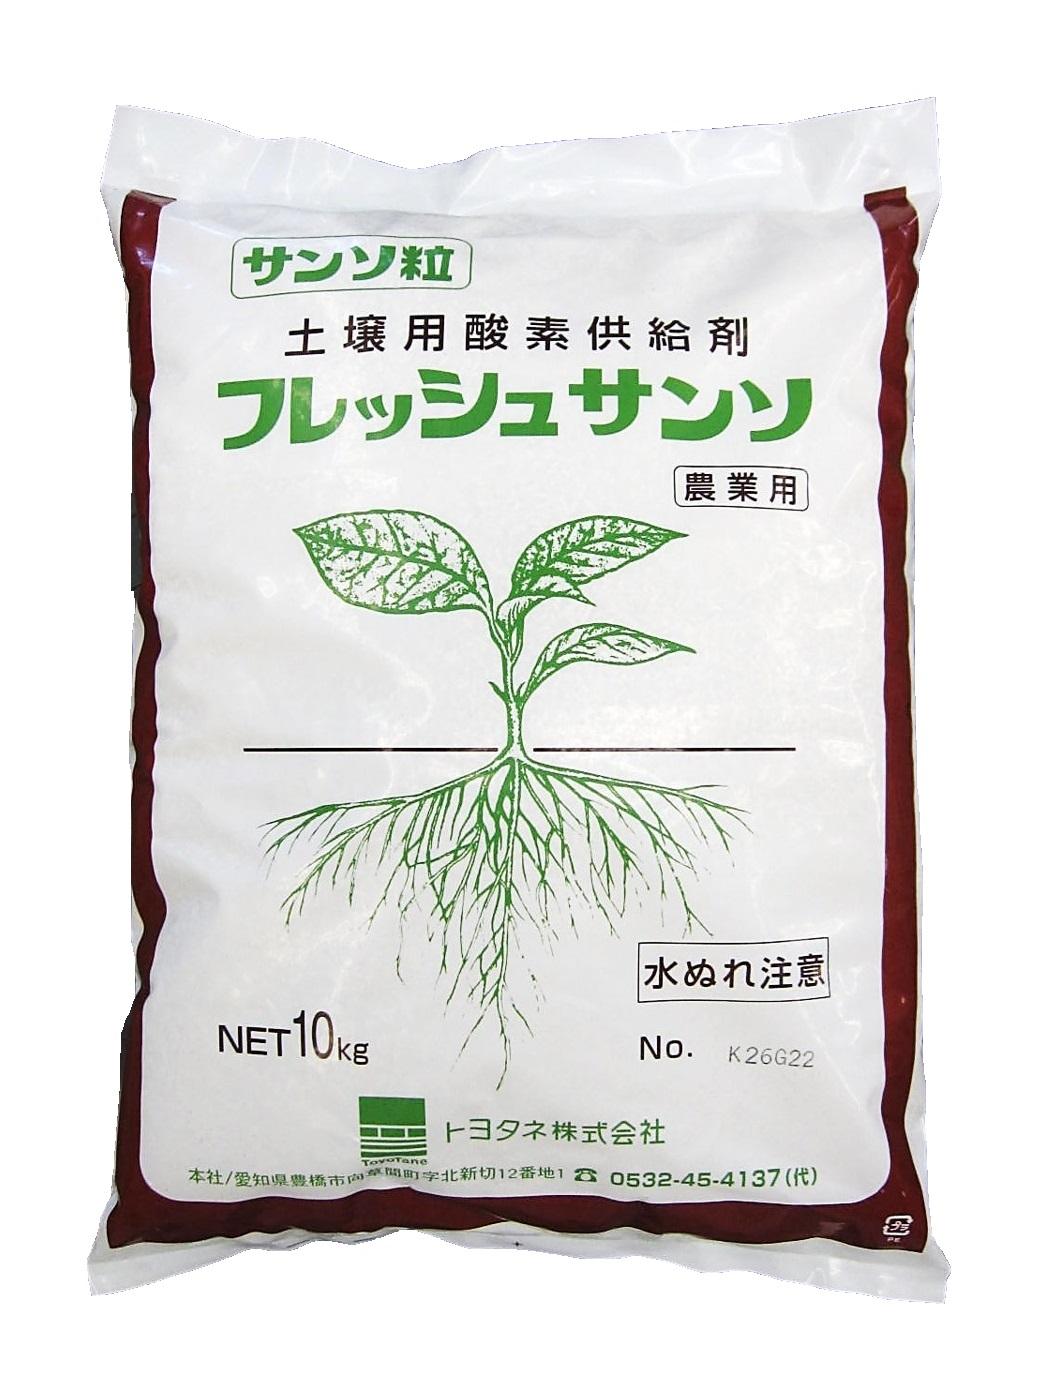 フレッシュサンソ粒剤・液剤 10kg